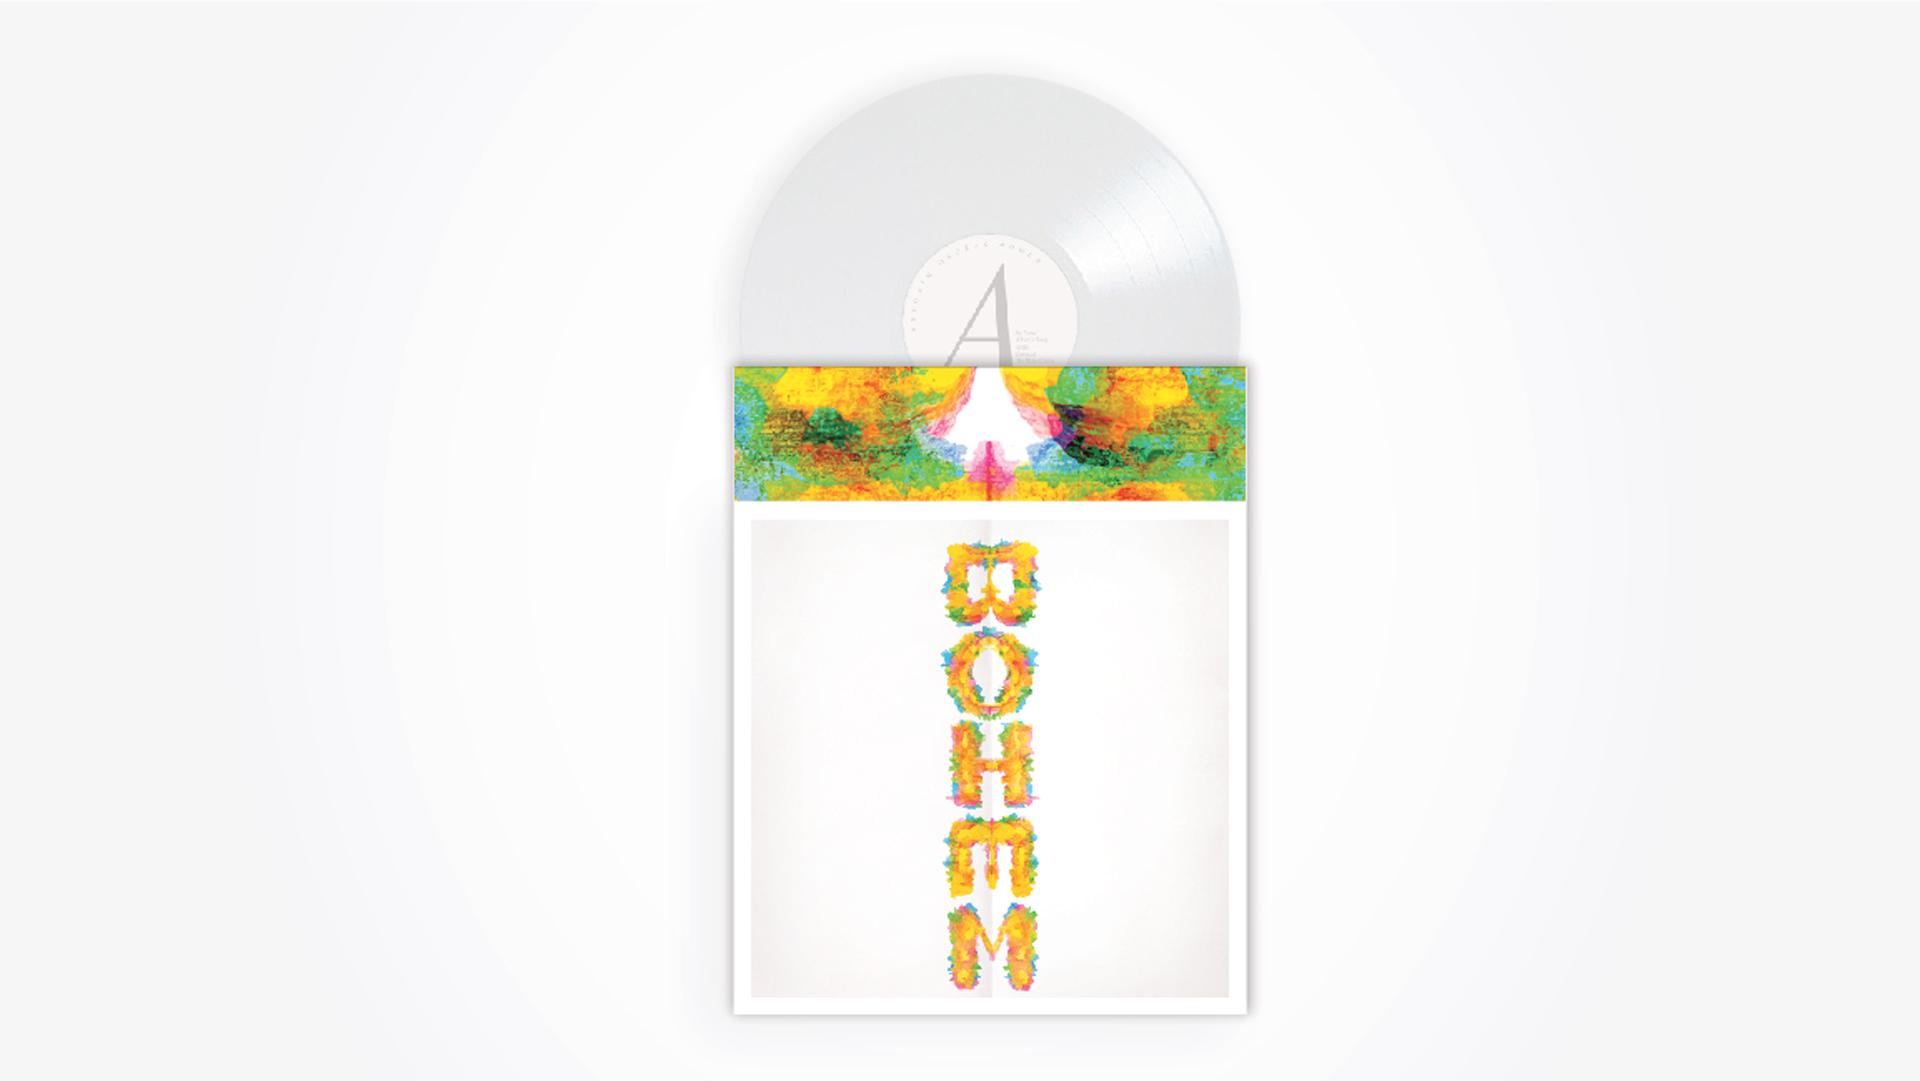 Bohem album packaging